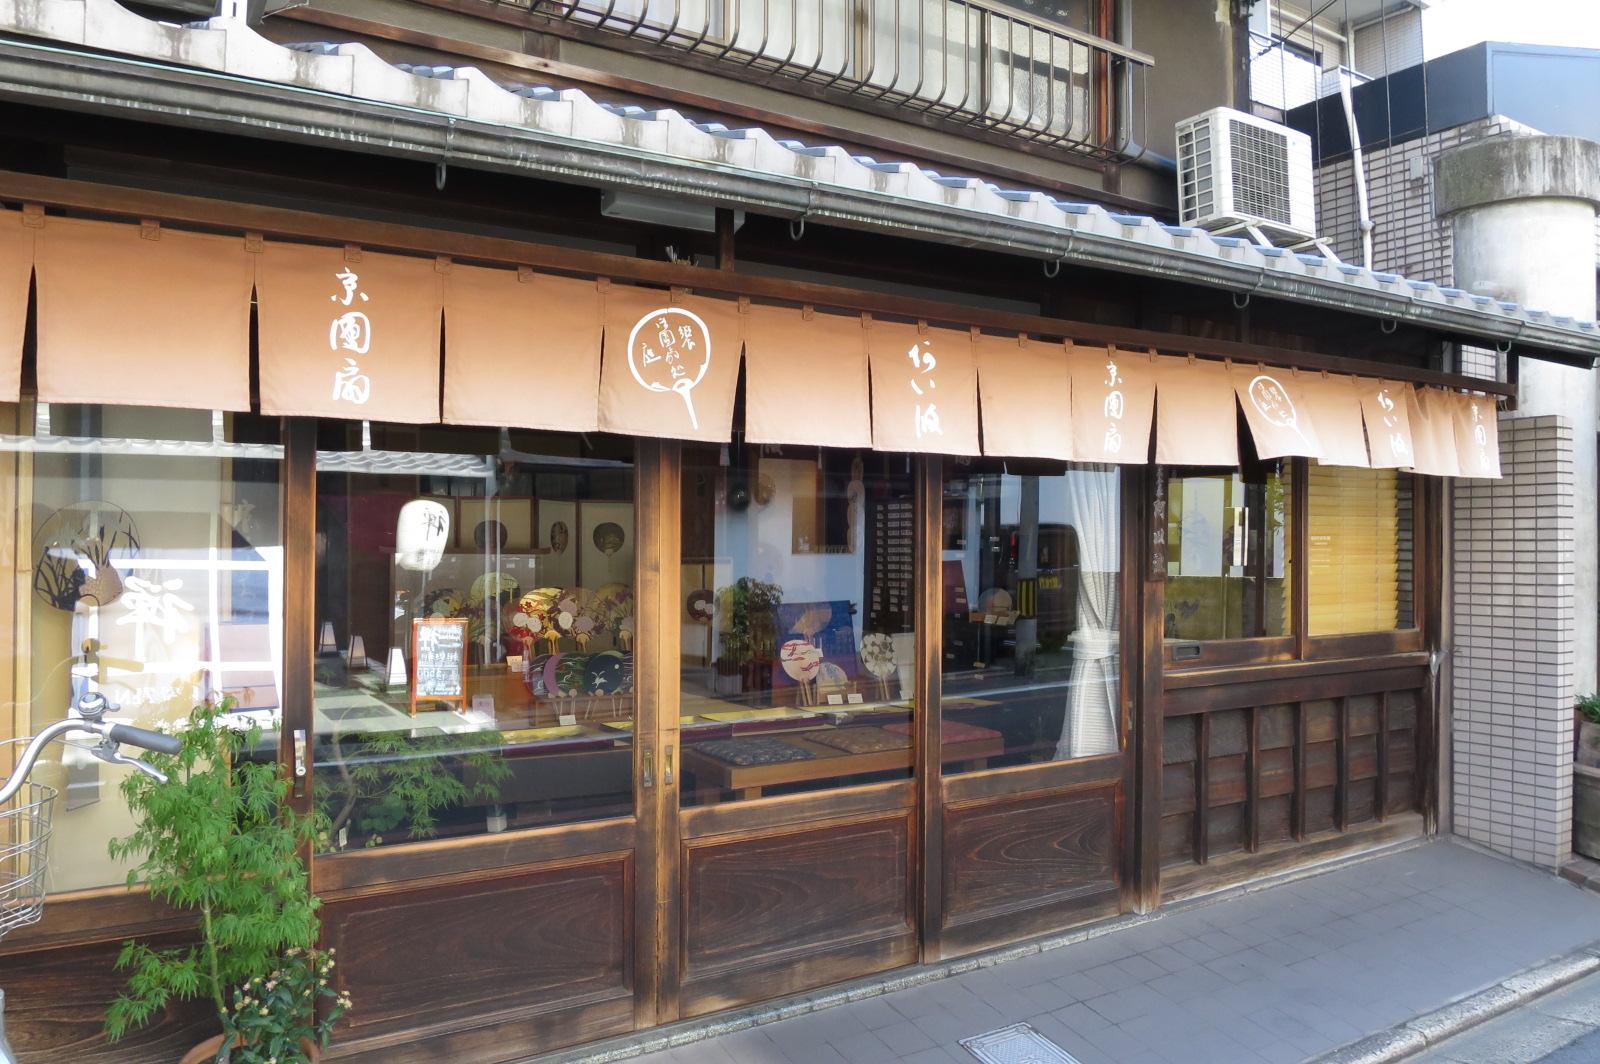 創業300年の京うちわ「阿以波」。伝統美術工芸品で、美しい作品が展示されています。